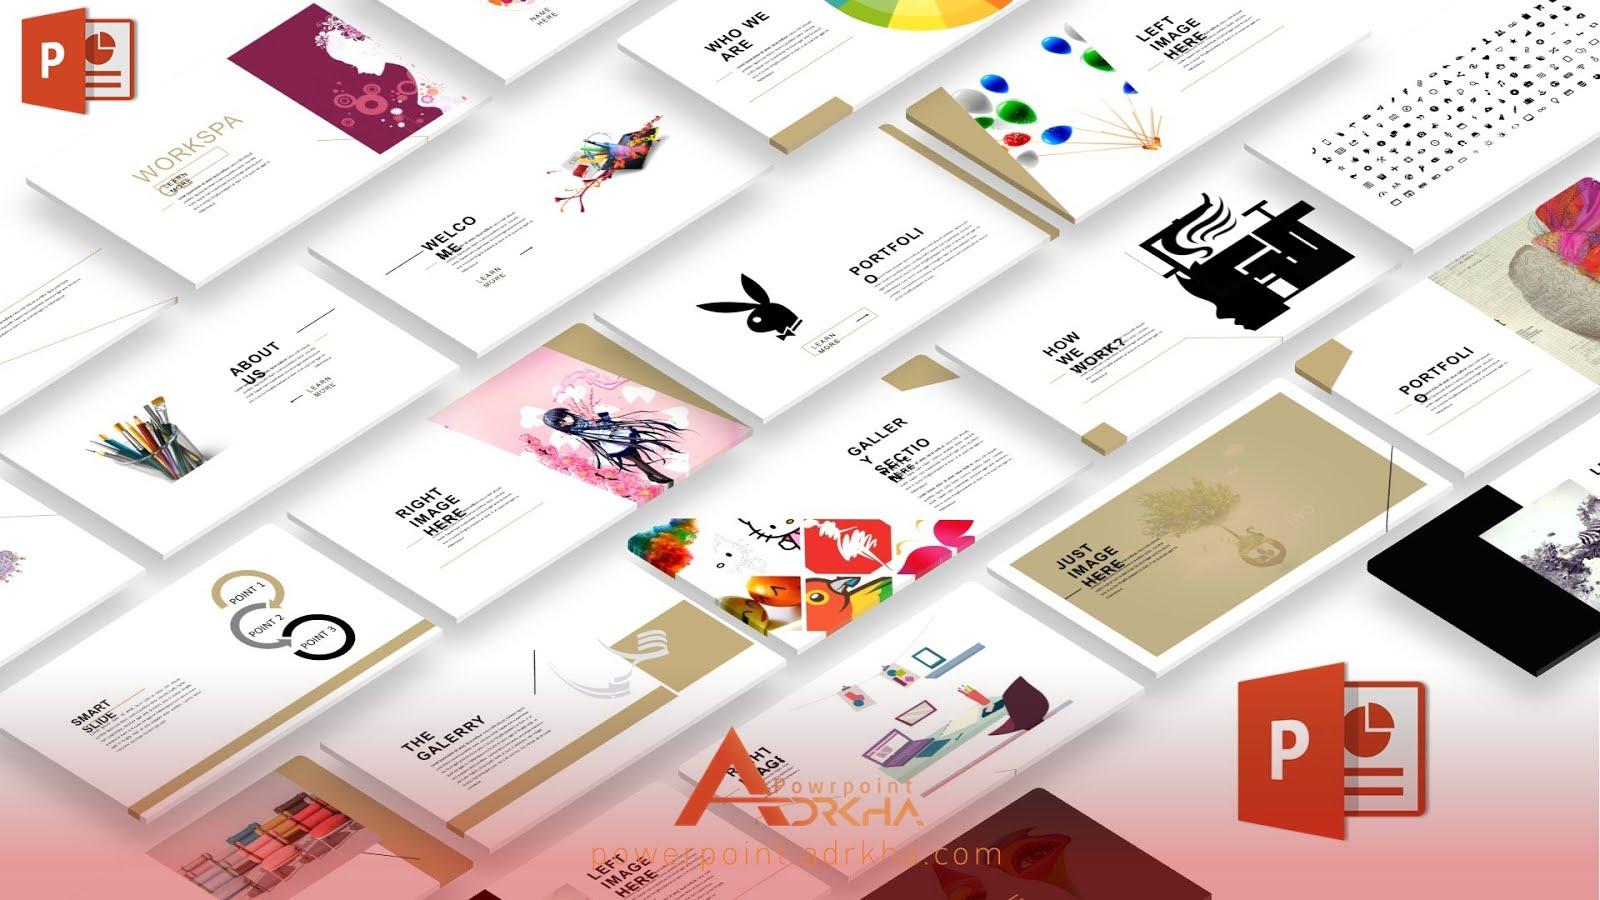 عرض باوربوينت جديد لعرض التصميمات الخاصة 2018